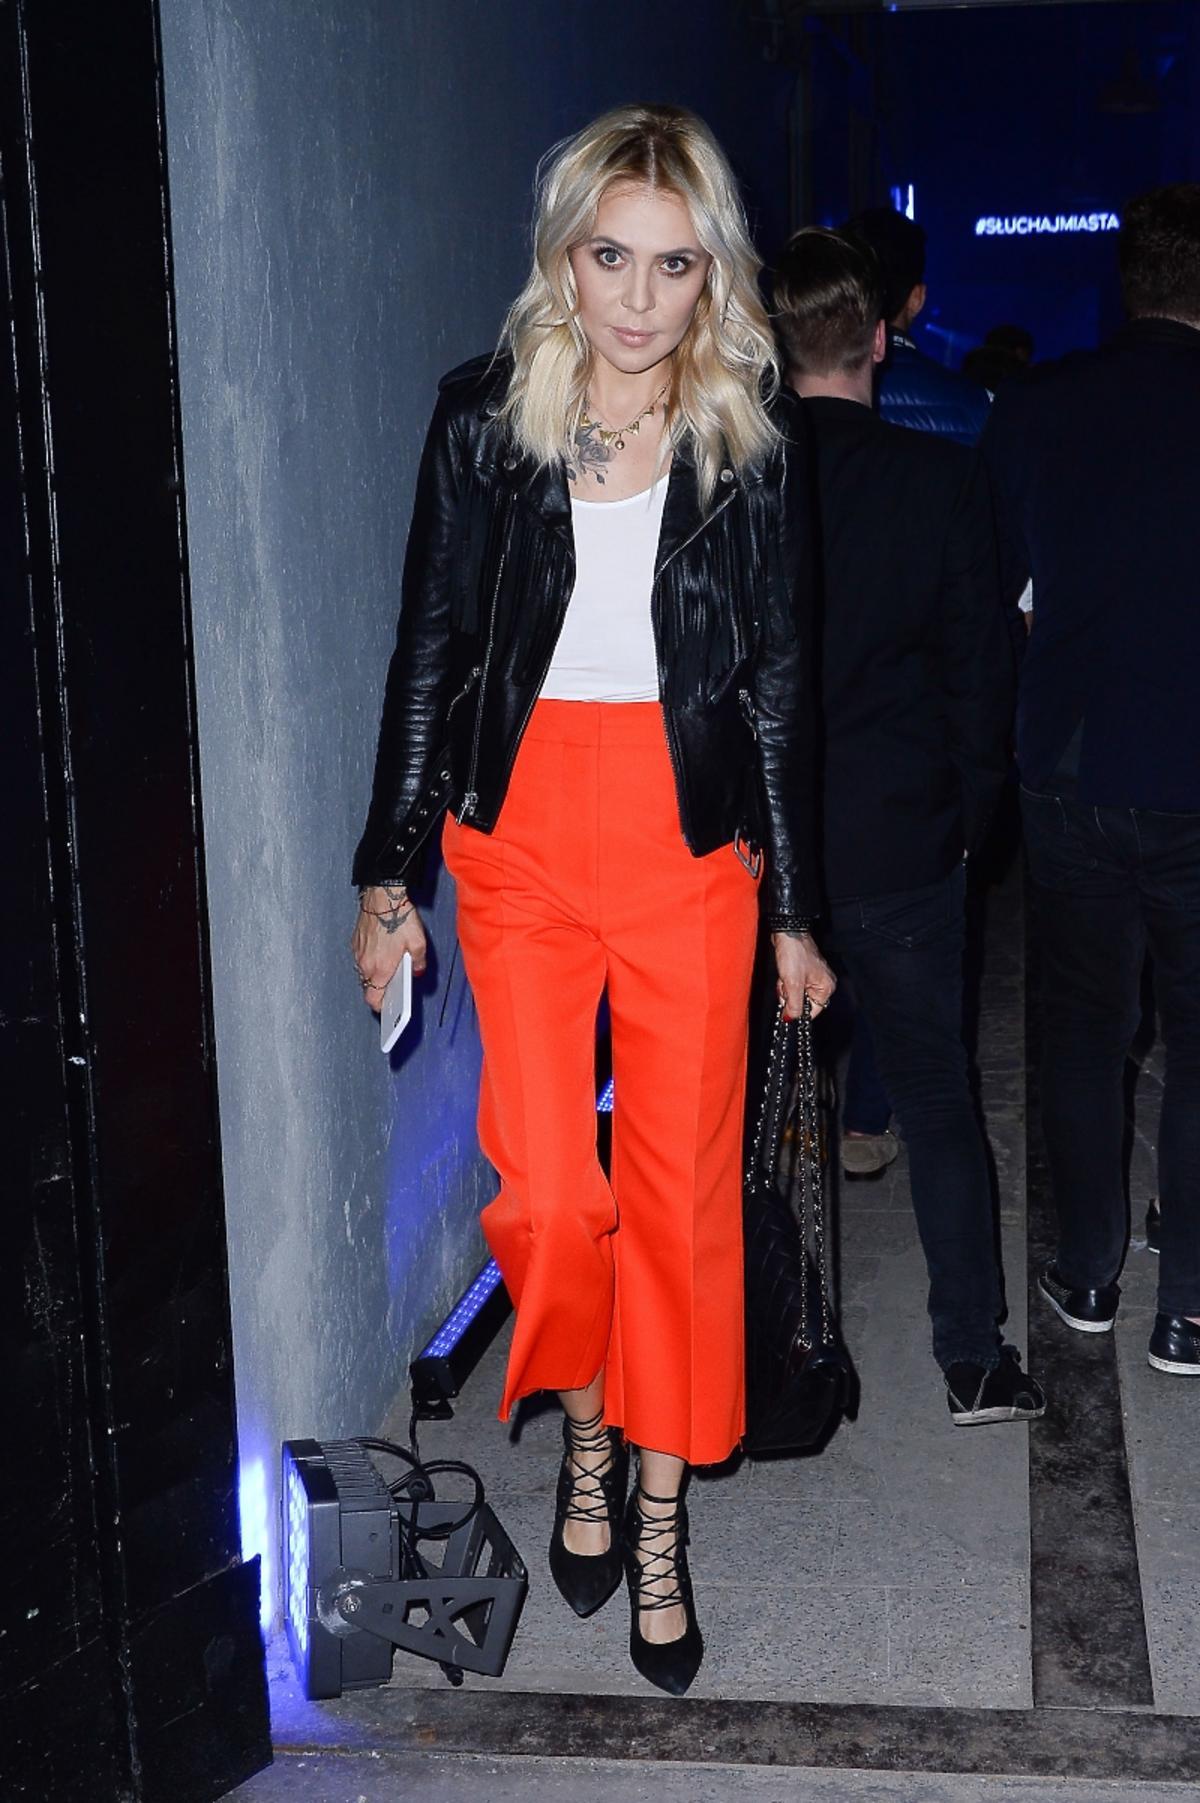 Modna Maja Sablewska w czarnych sandalkach, białym topie, skórzanej kurtce z frędzlami i pomarańczowych spodniach typu culottes